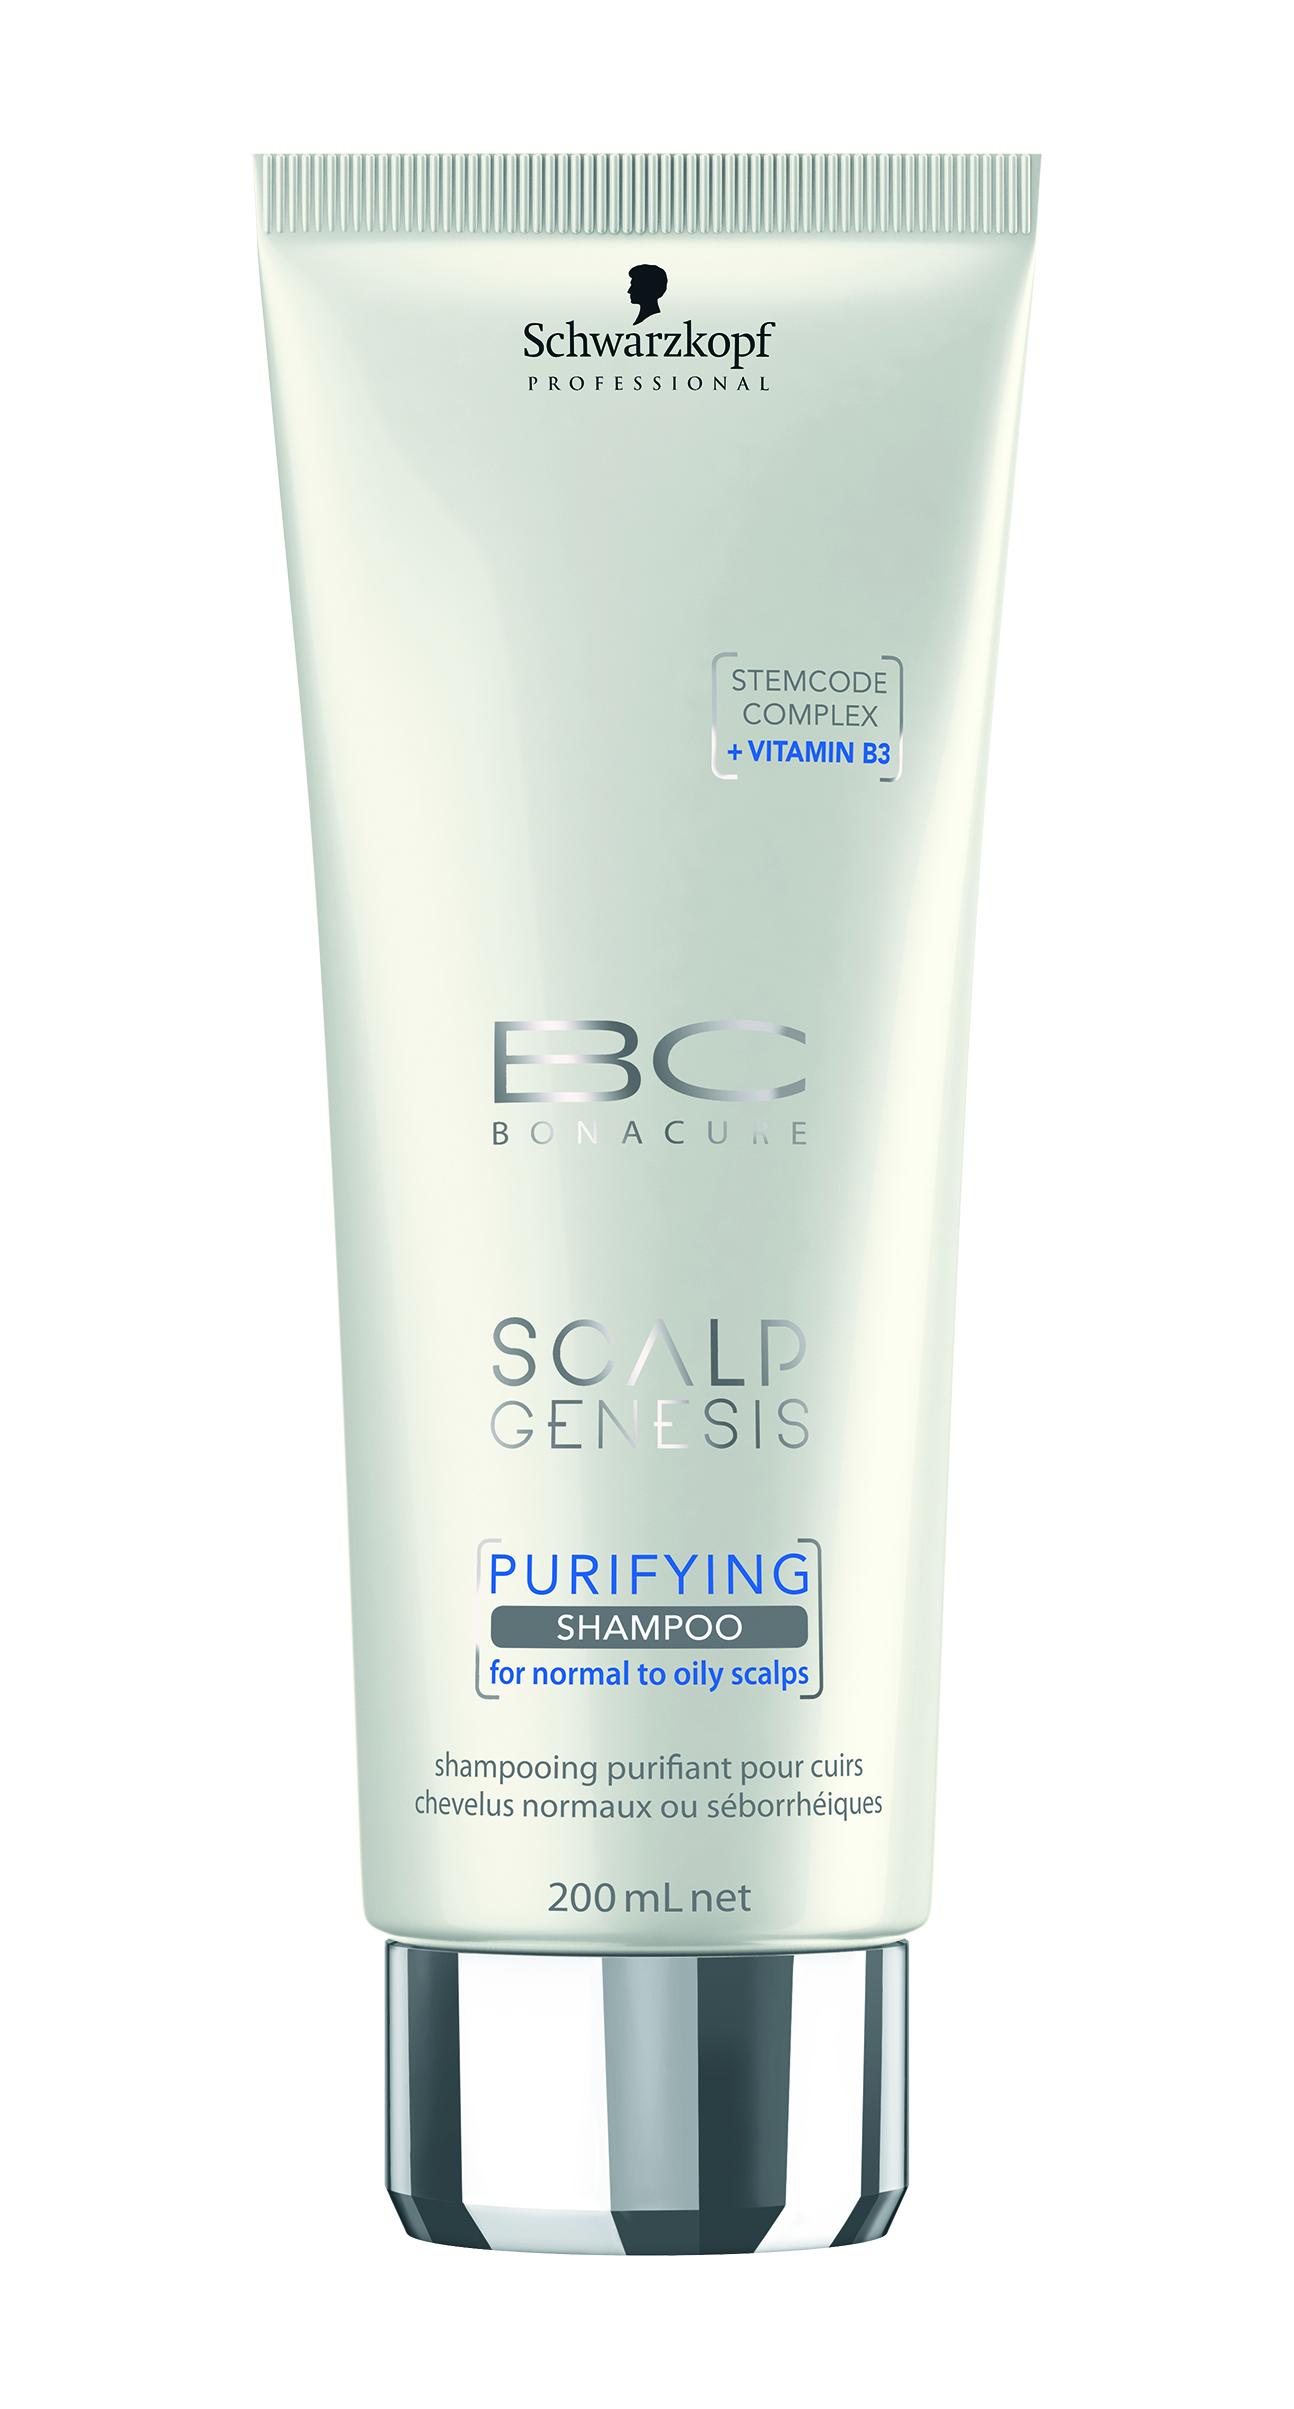 שוורצקופף פרופשיונל- שמפו לניקוי הקרקפת מסדרת סקאלפ ג'נסיס- BC Scalp Genesis Purifying Shampoo- 99שח ל200מל